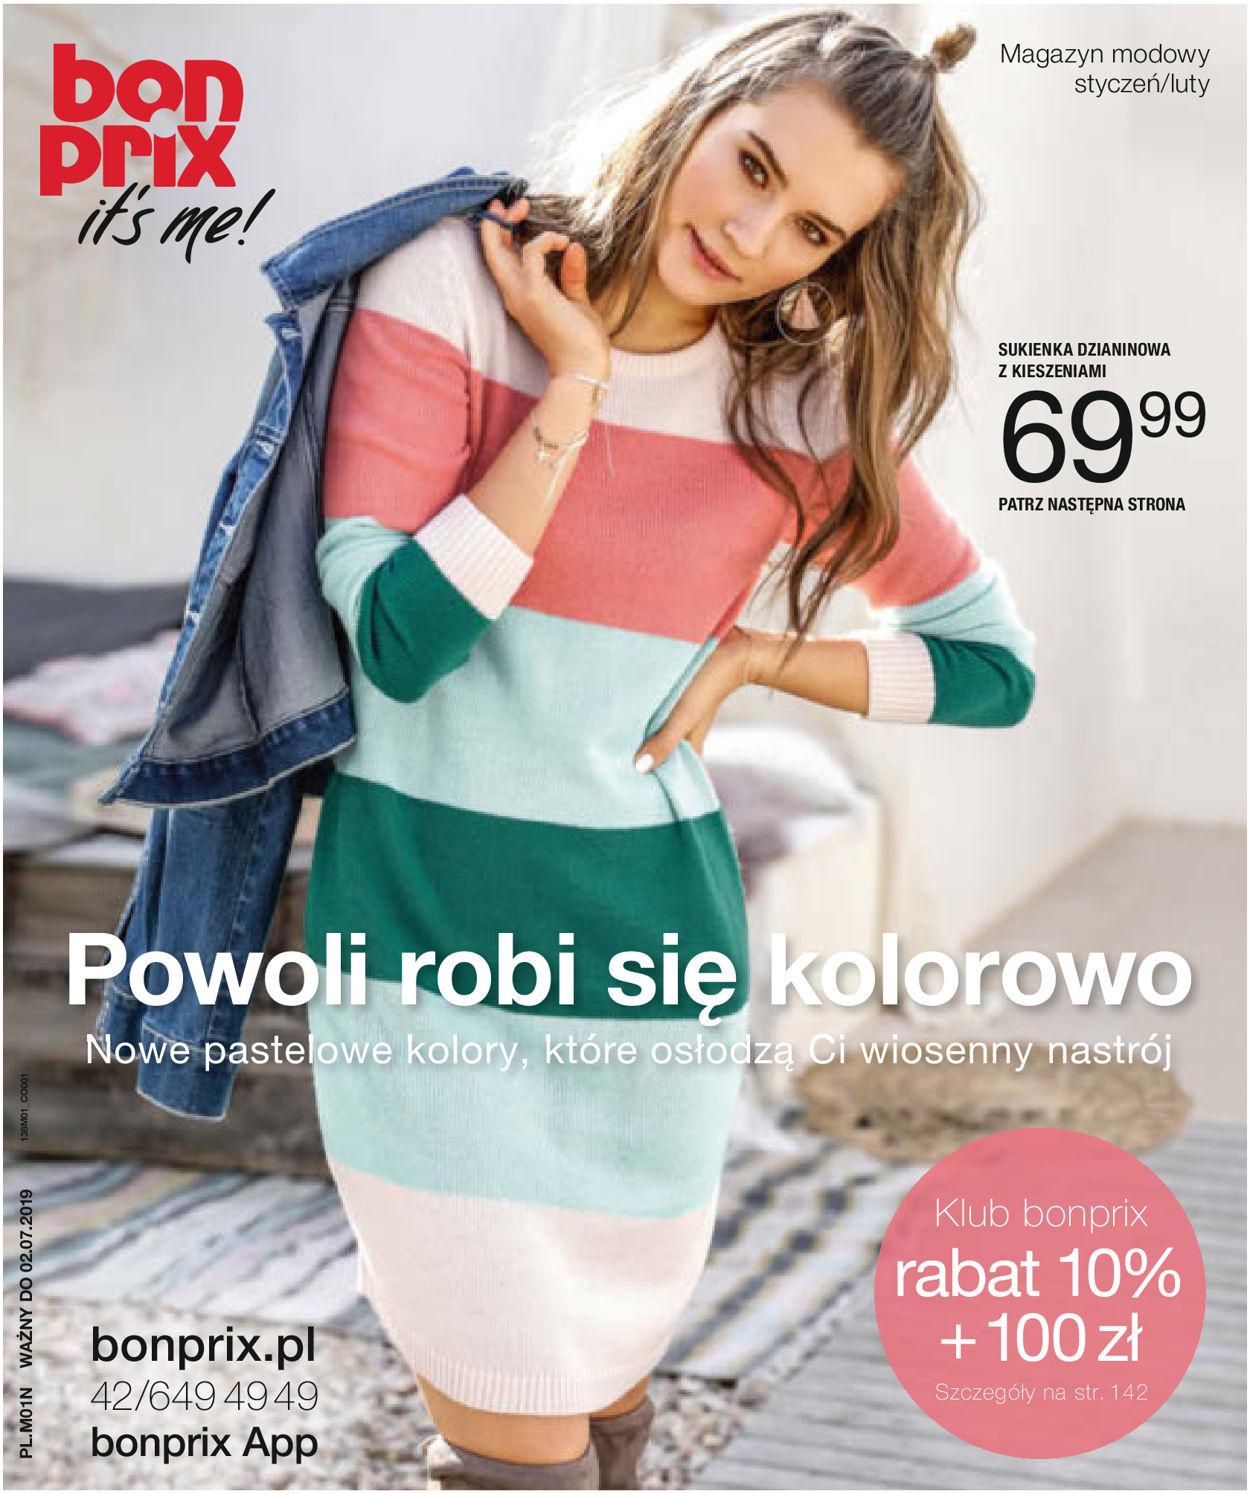 Gazetka promocyjna Bonprix - 02.01-02.07.2019